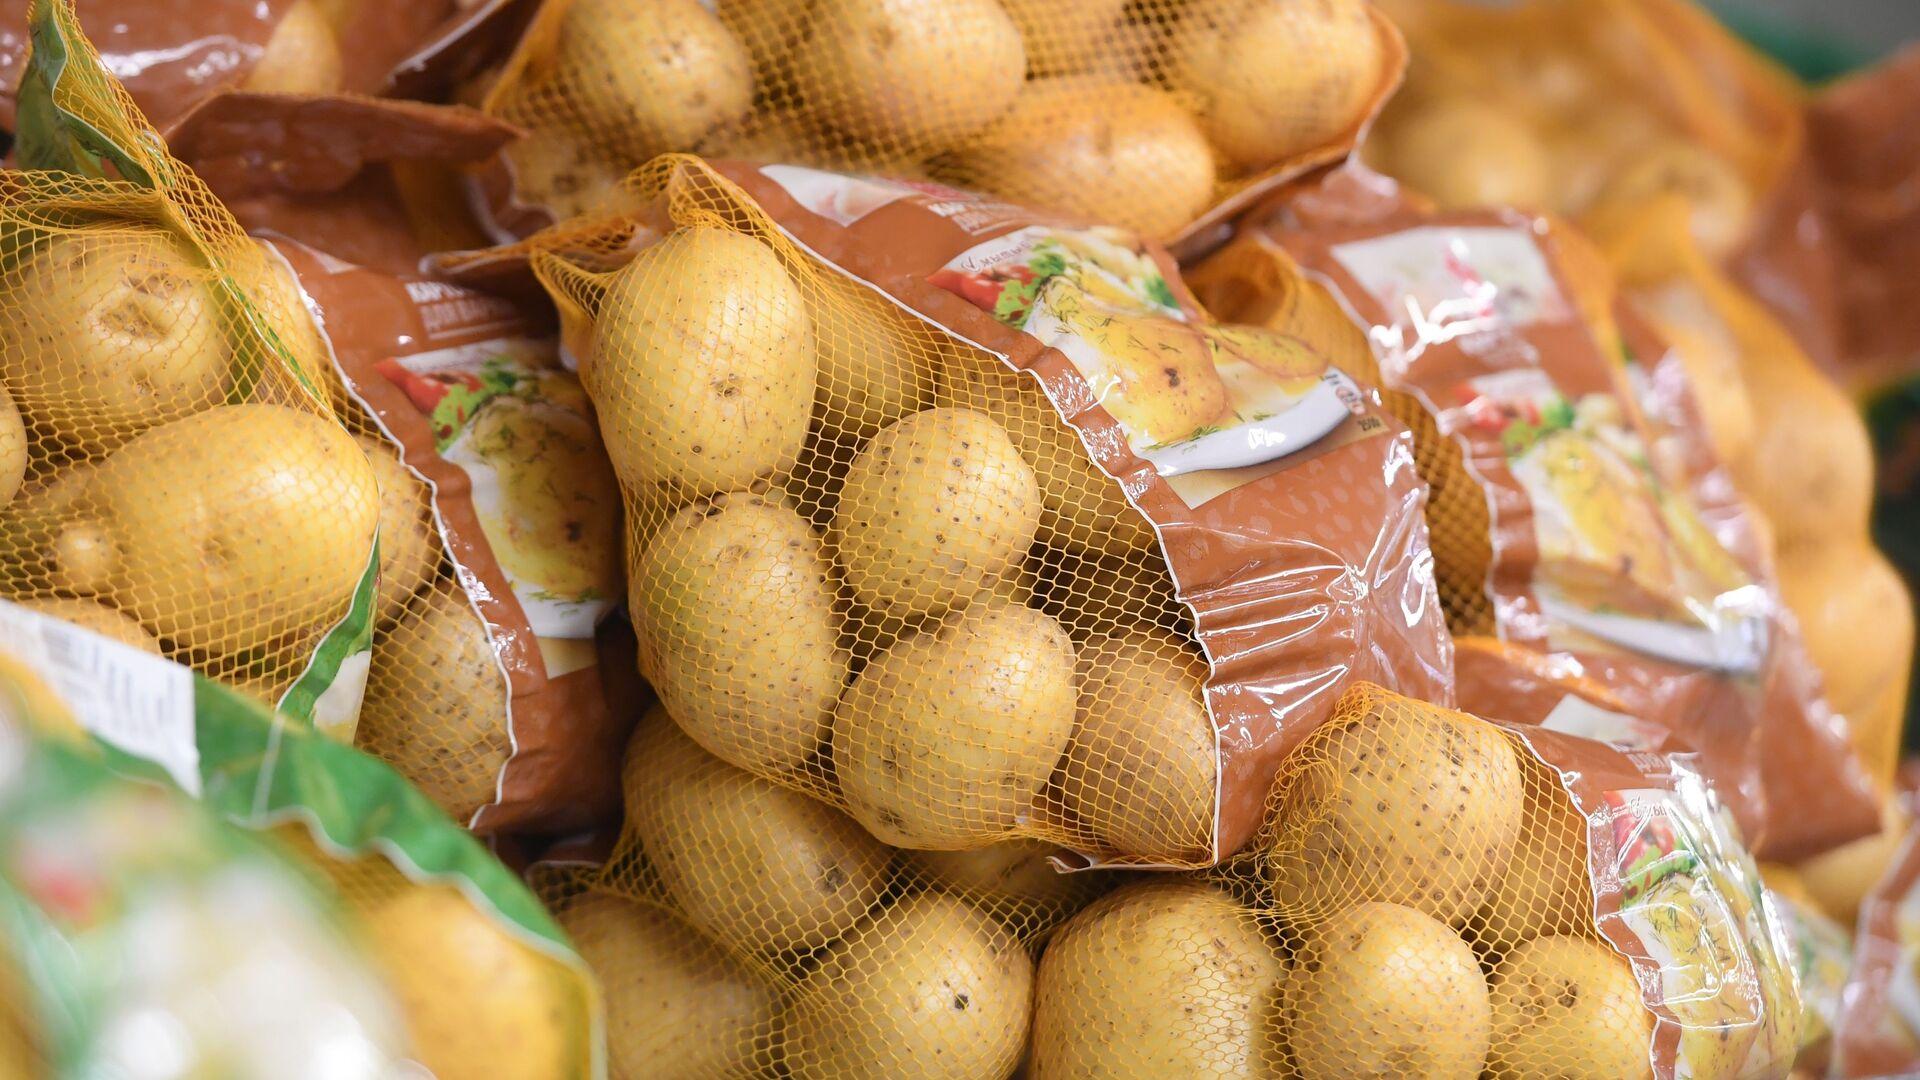 Ziemniaki - Sputnik Italia, 1920, 20.03.2021